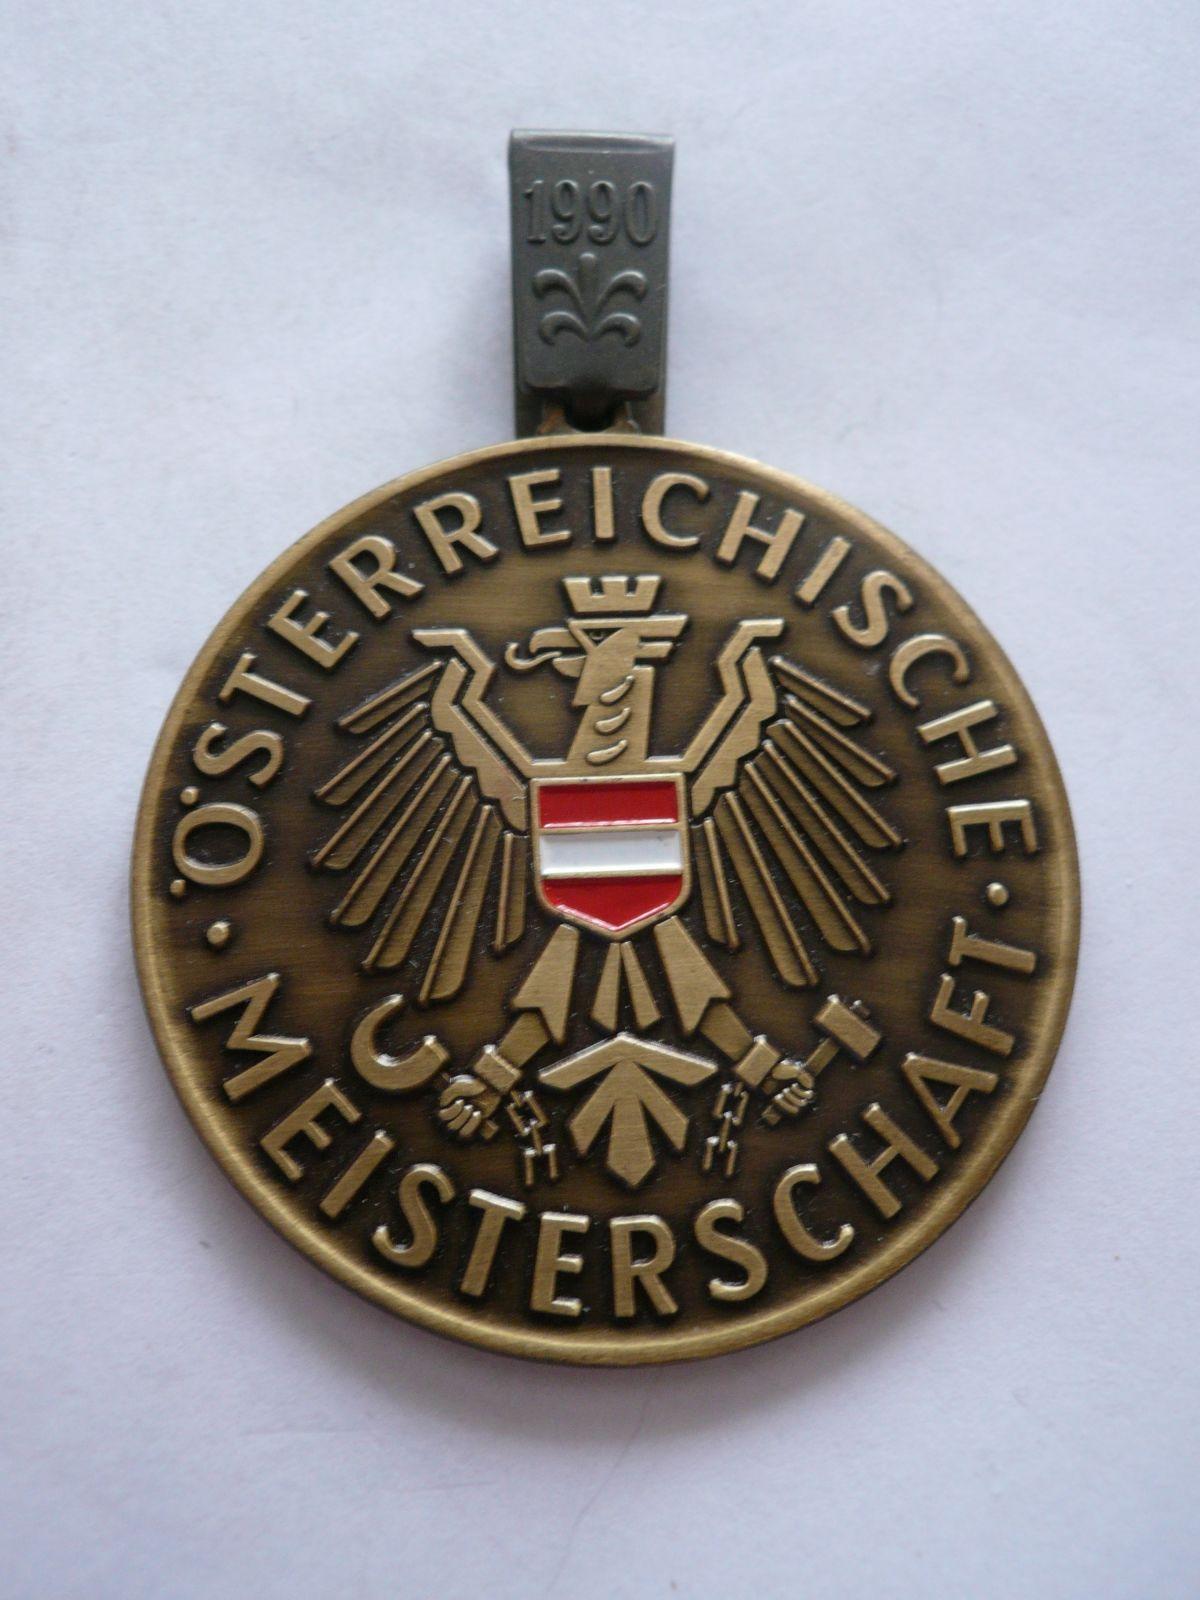 mistr střelby z pistole, 1990, průměr 90mm, Rakousko